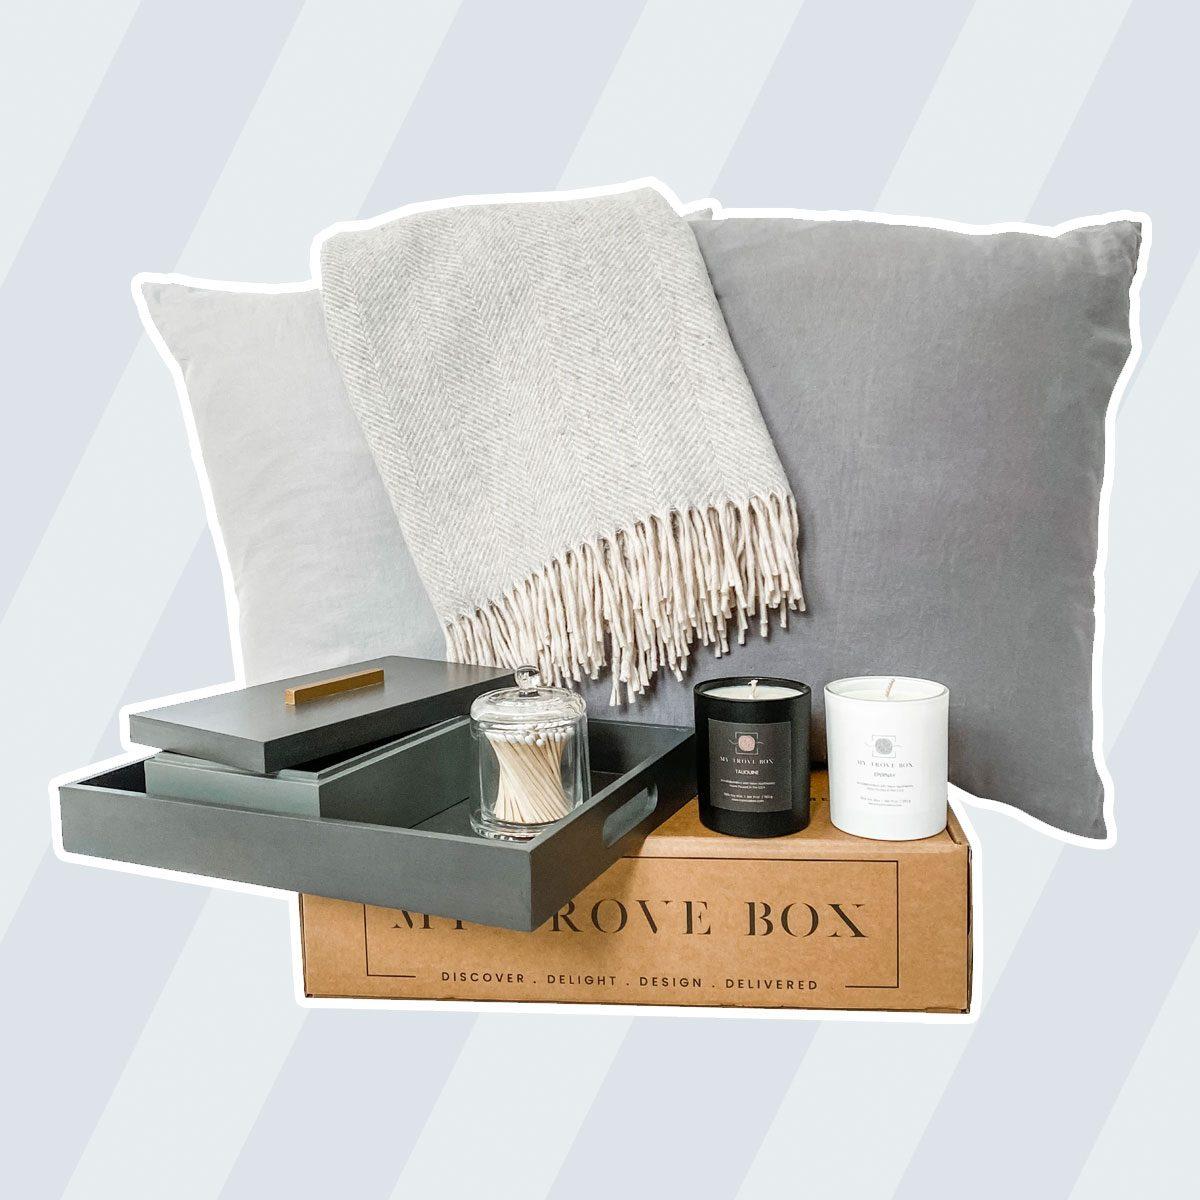 My Trove Box home decor subscription box